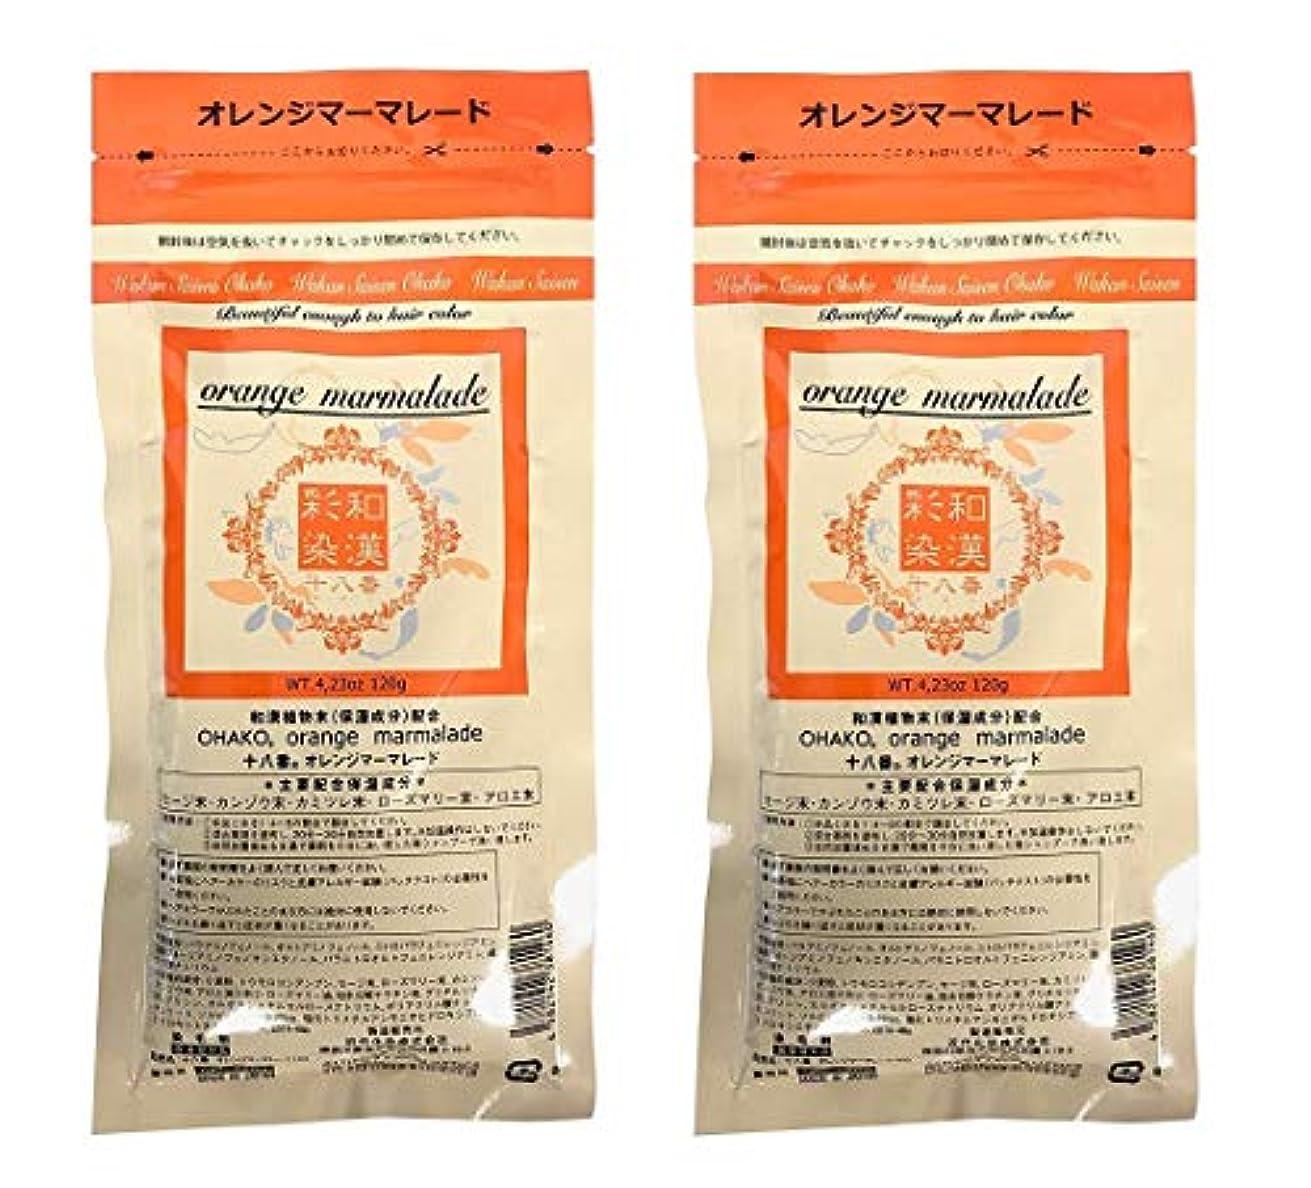 ぴかぴか恒久的知っているに立ち寄る【2個セット】グランデックス 和漢彩染 十八番 120g オレンジママーレード